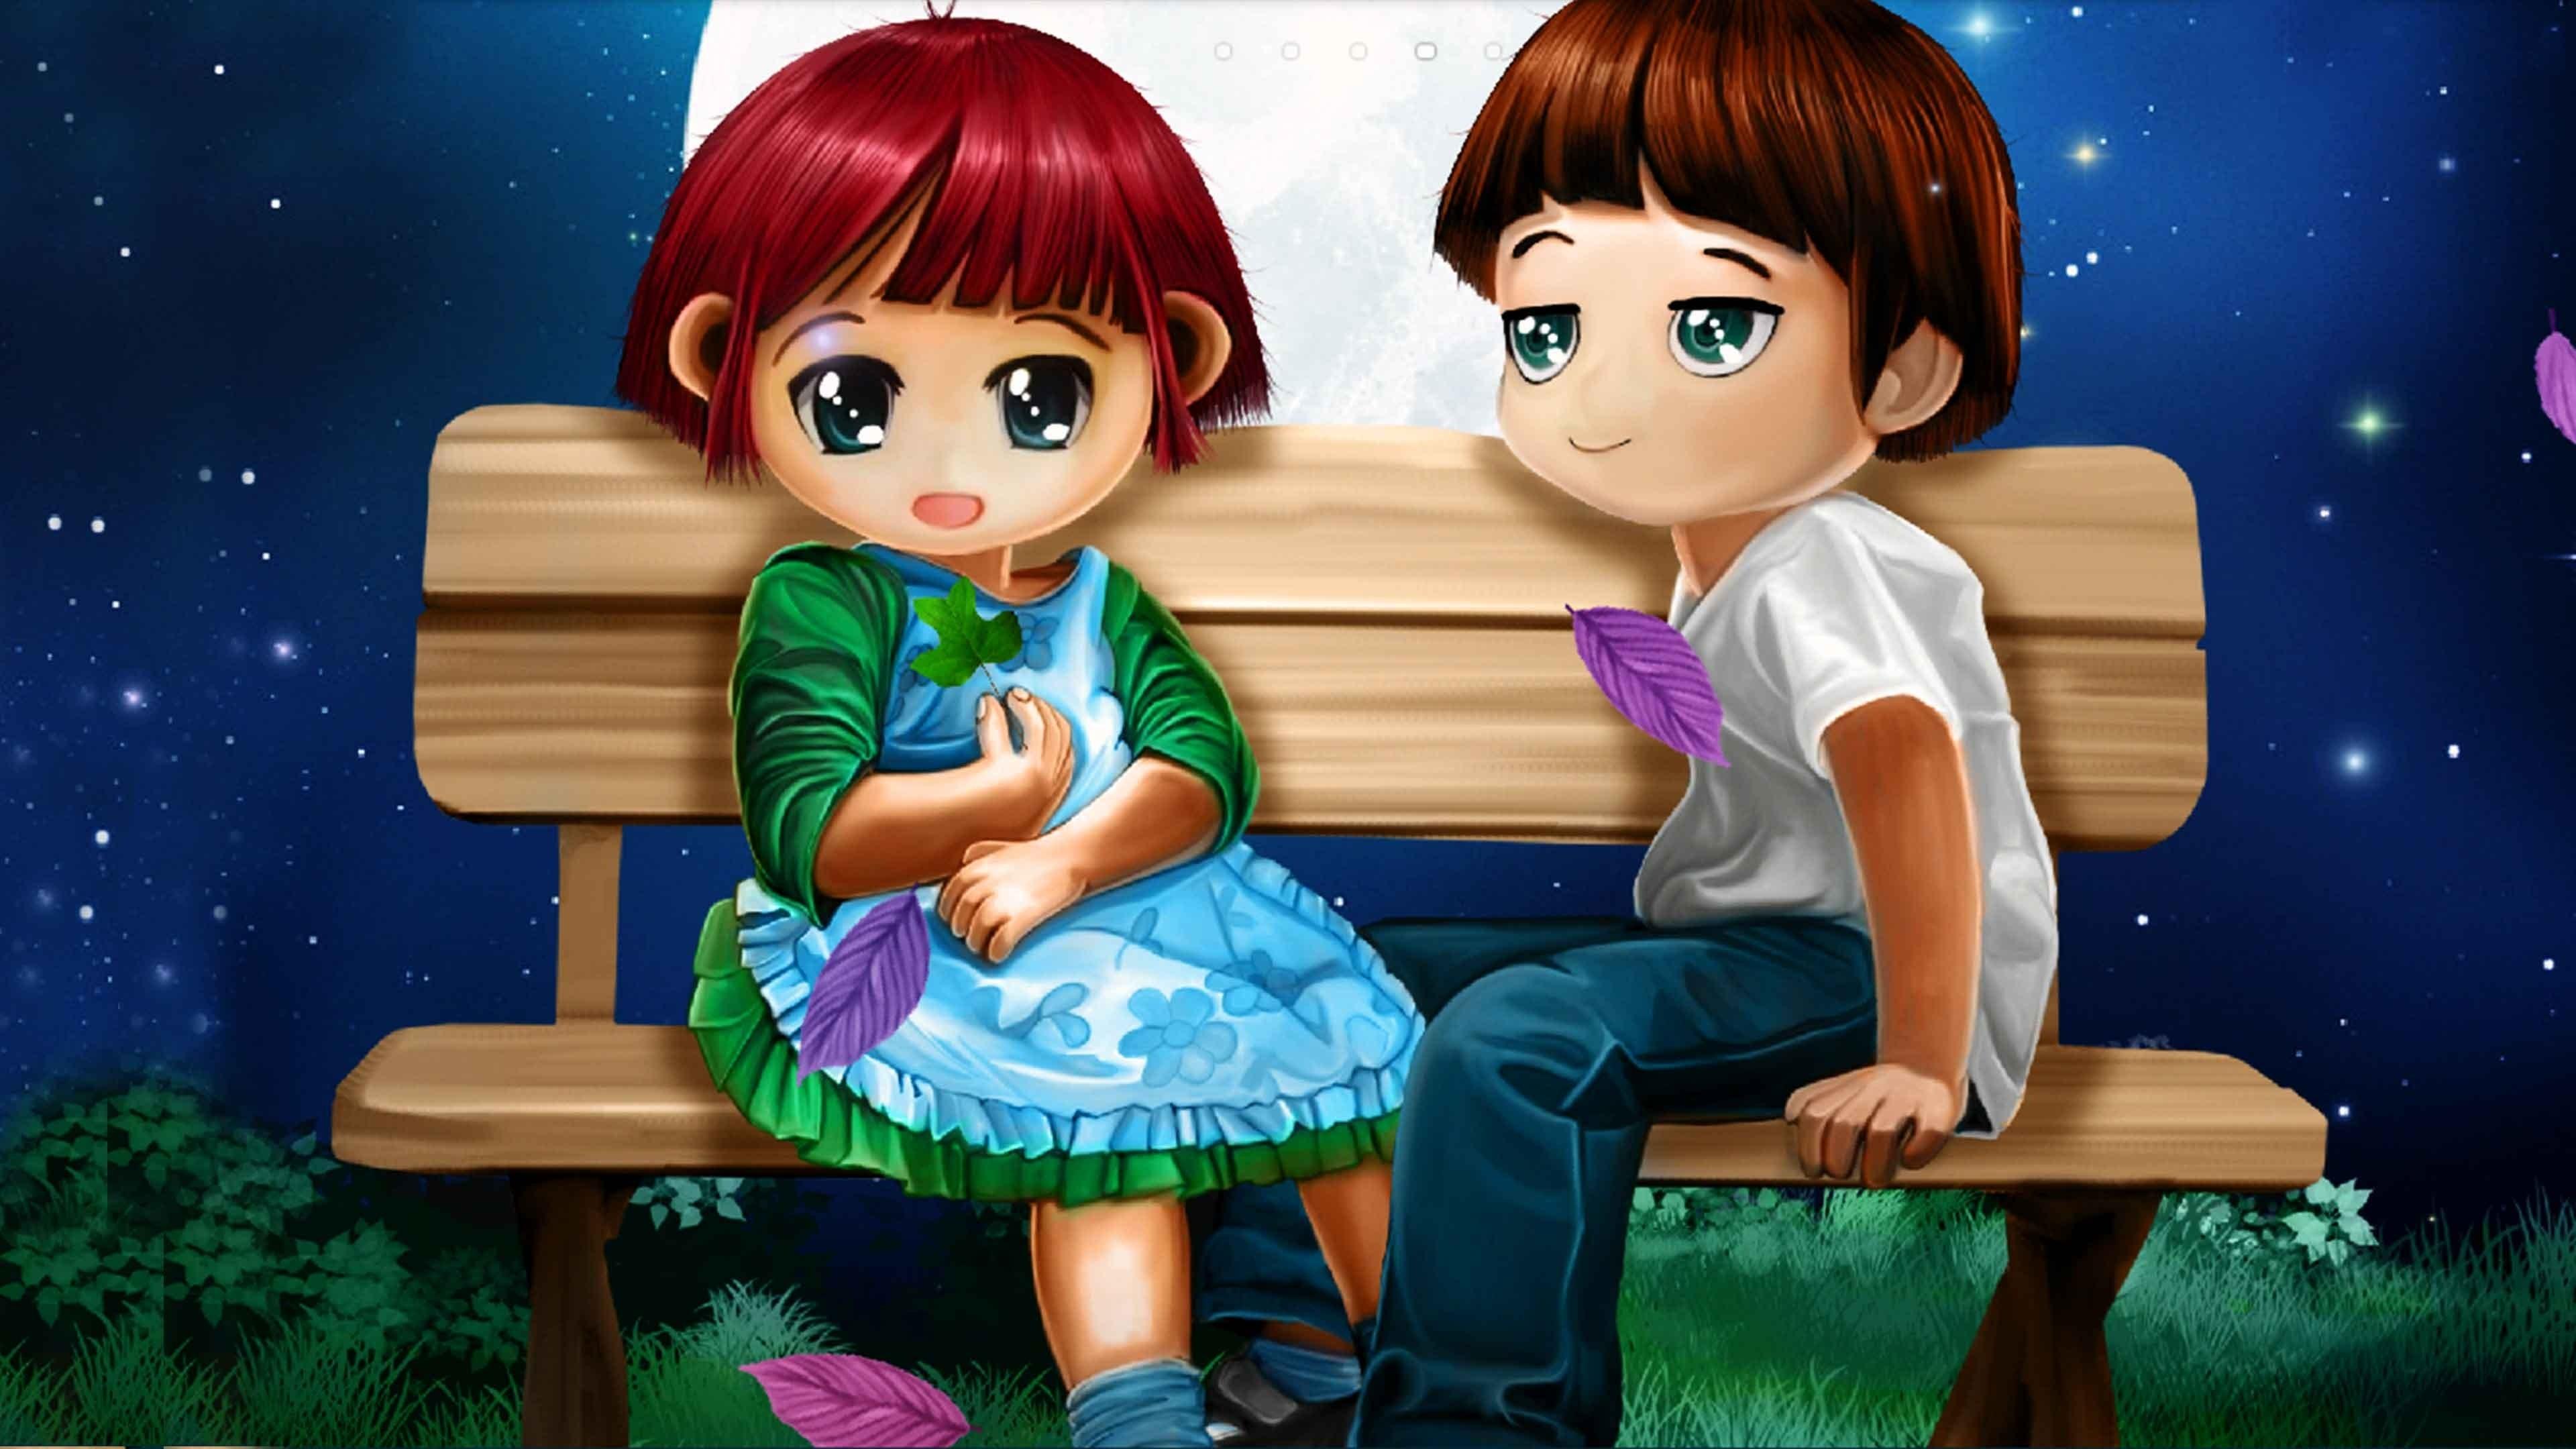 Cute 3d Wallpaper 69 Images